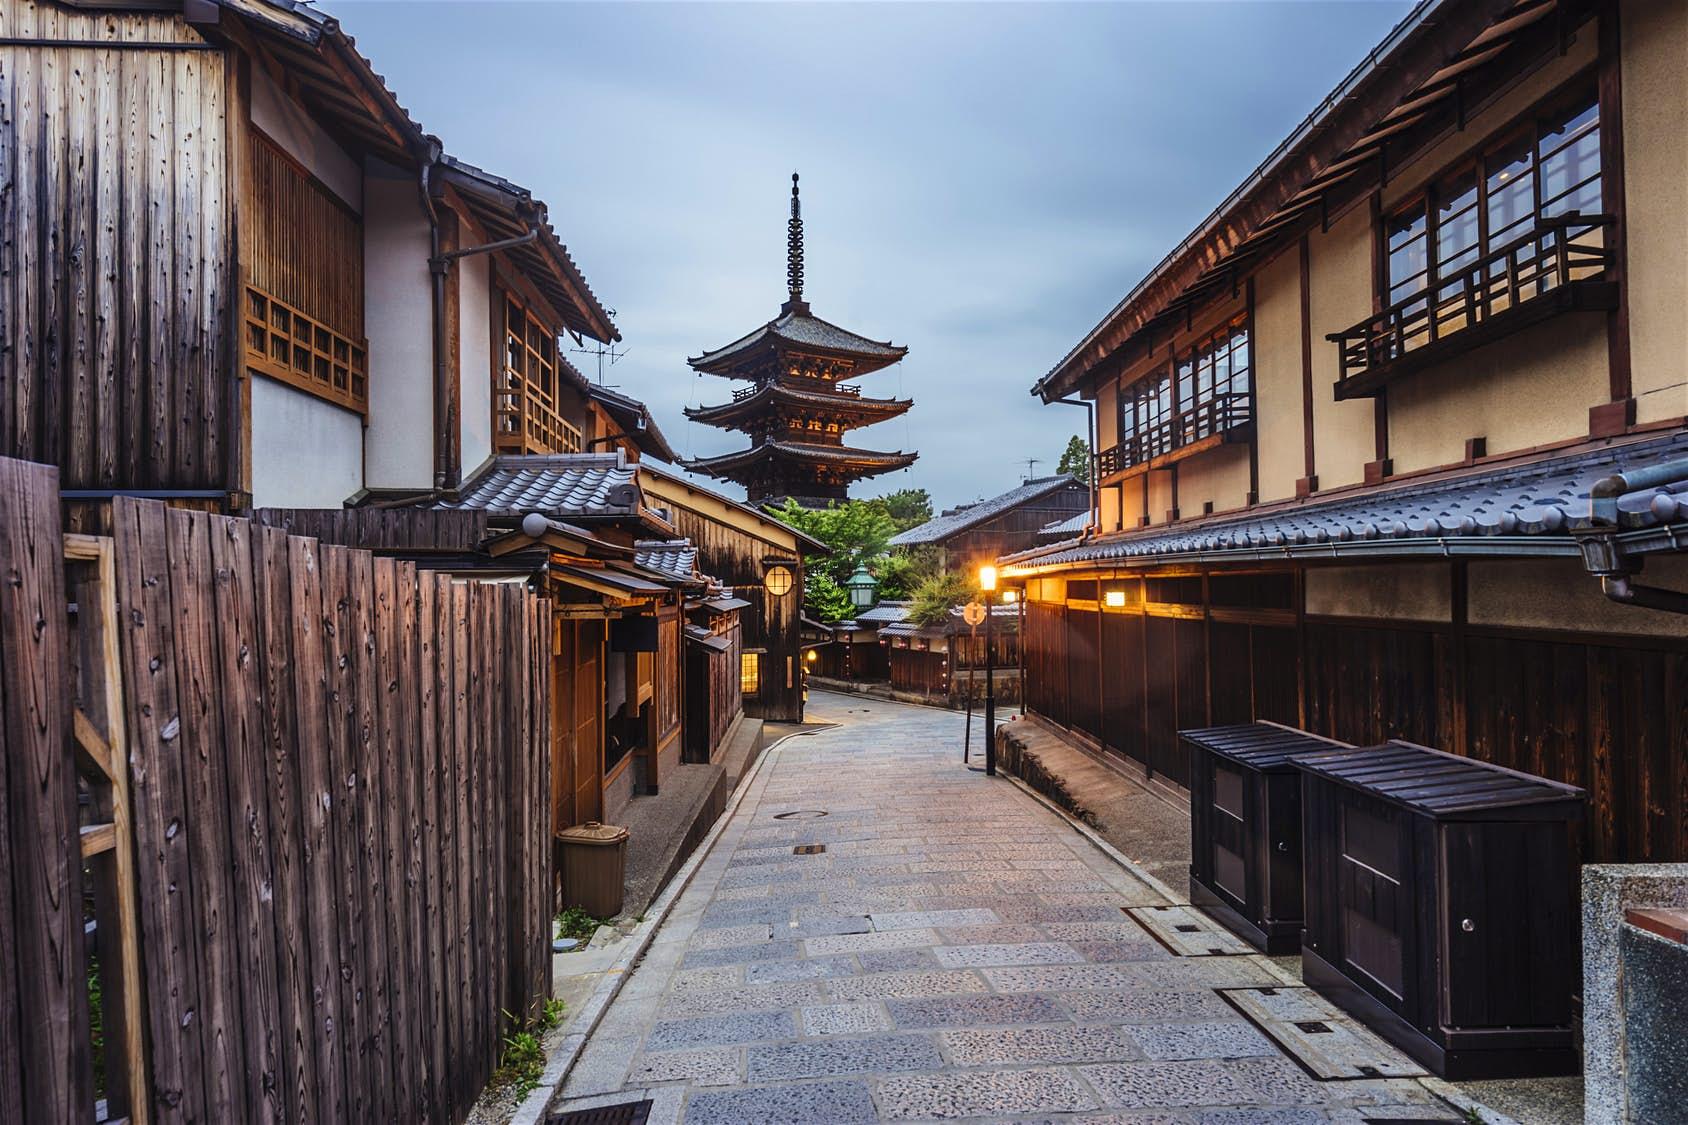 Du lịch Nhật Bản tới những nơi có cảnh sát tươi đẹp